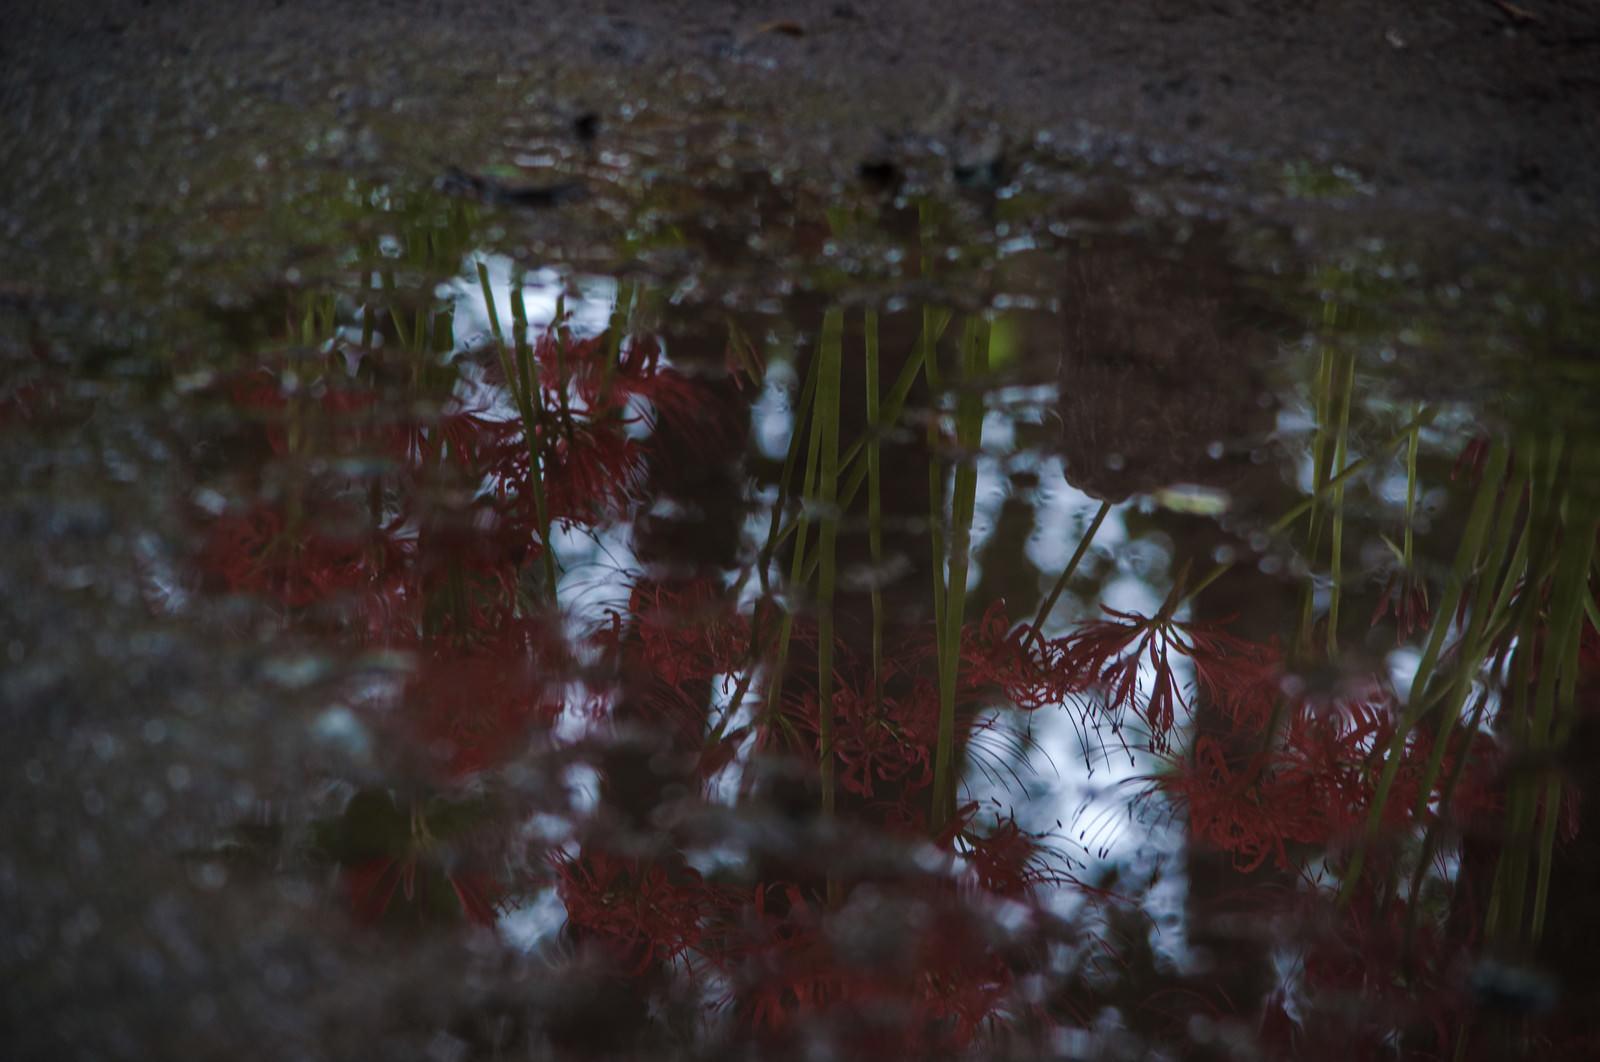 「雨上がりの秋の道雨上がりの秋の道」のフリー写真素材を拡大